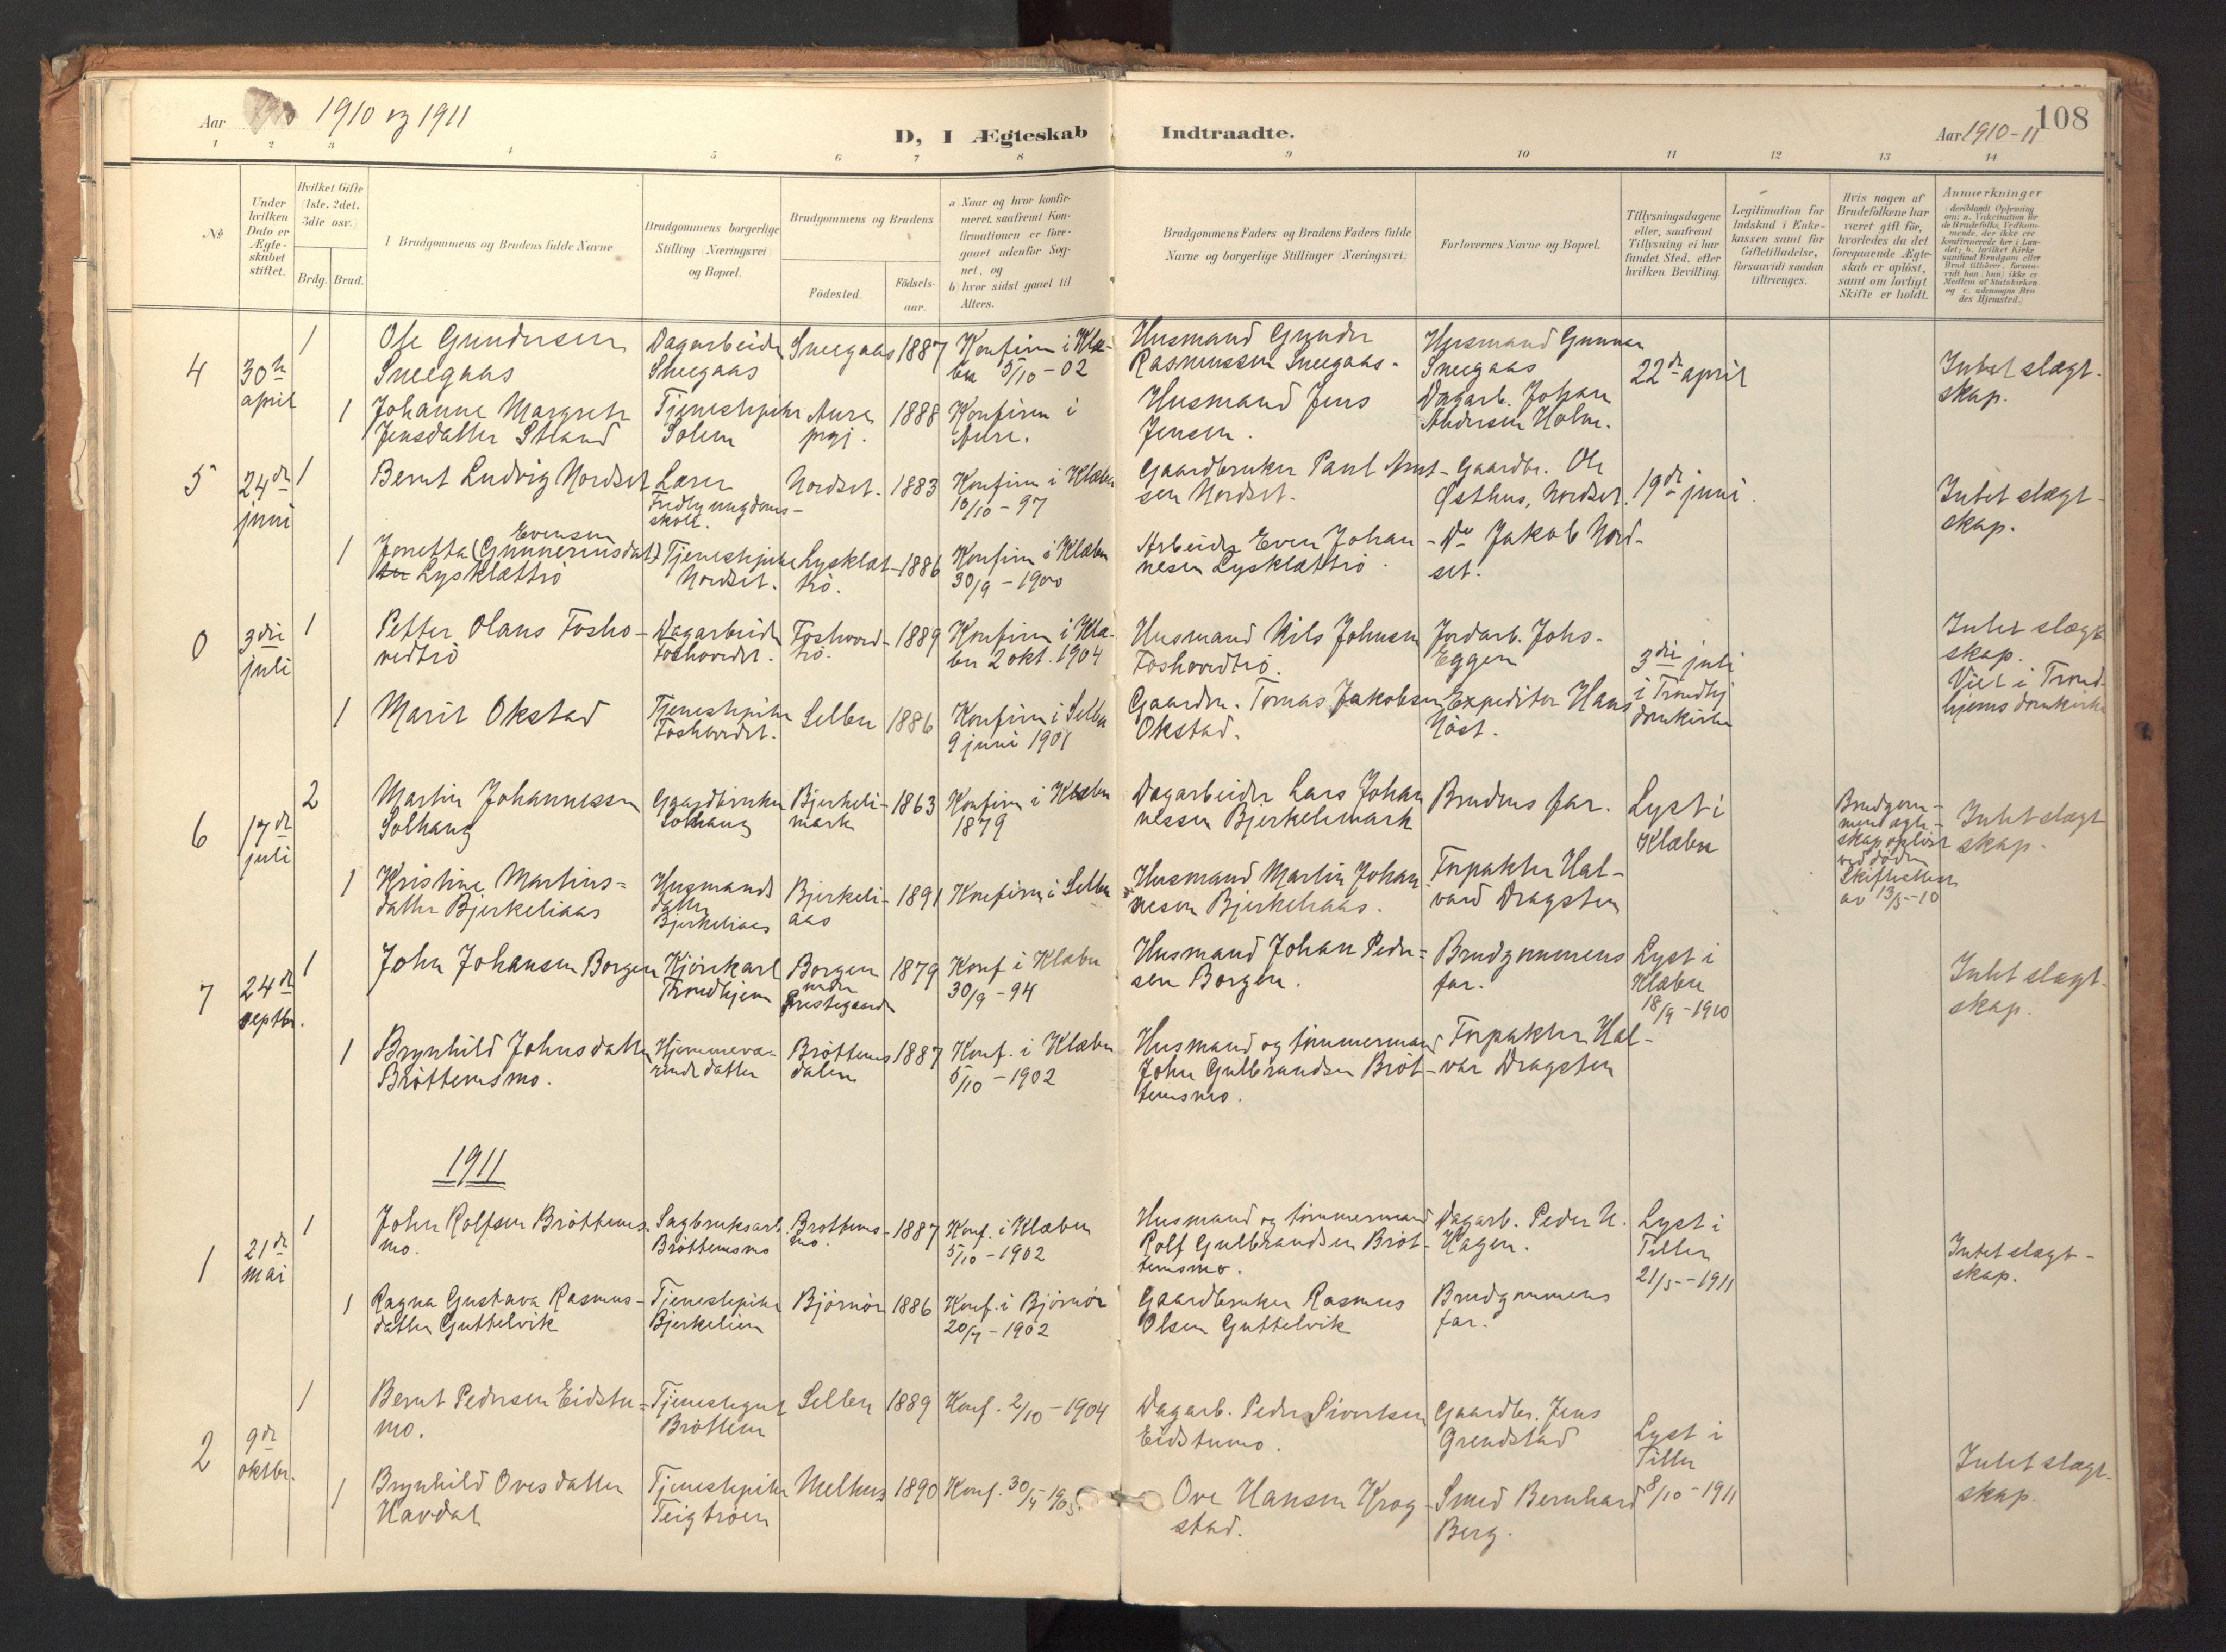 SAT, Ministerialprotokoller, klokkerbøker og fødselsregistre - Sør-Trøndelag, 618/L0448: Ministerialbok nr. 618A11, 1898-1916, s. 108